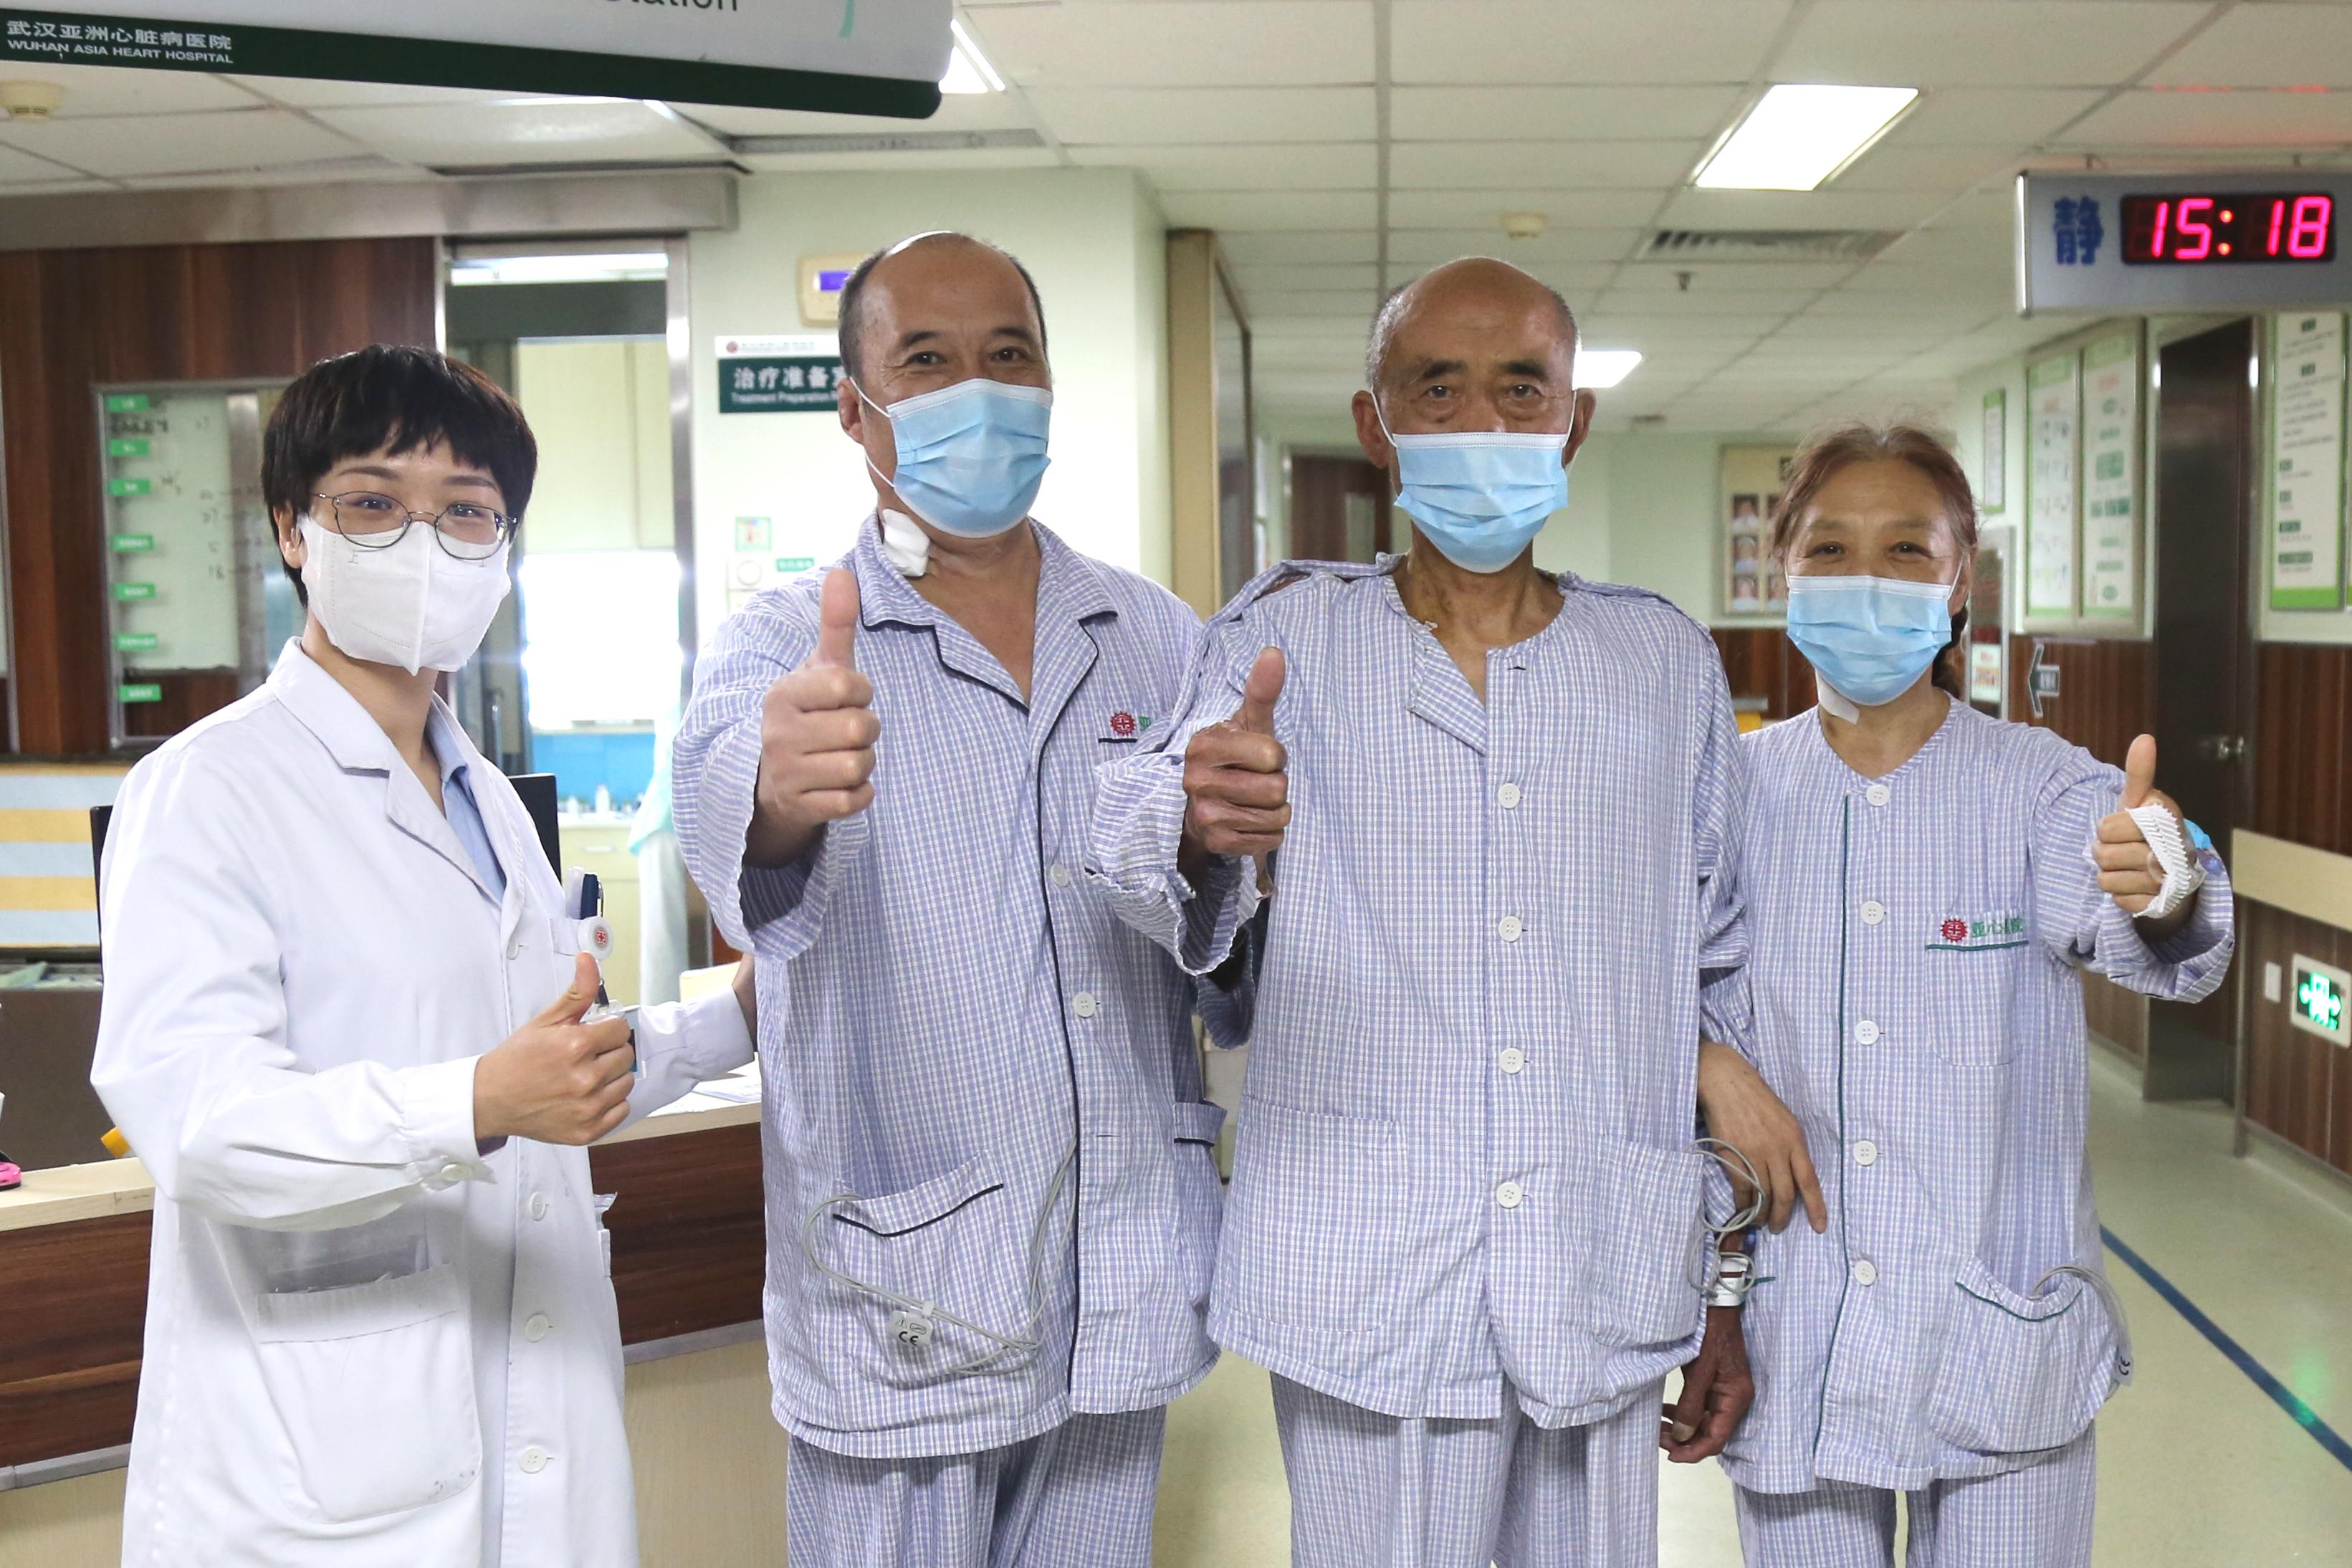 亚心微创瓣膜手术 让更多高龄患者拥有美好生活